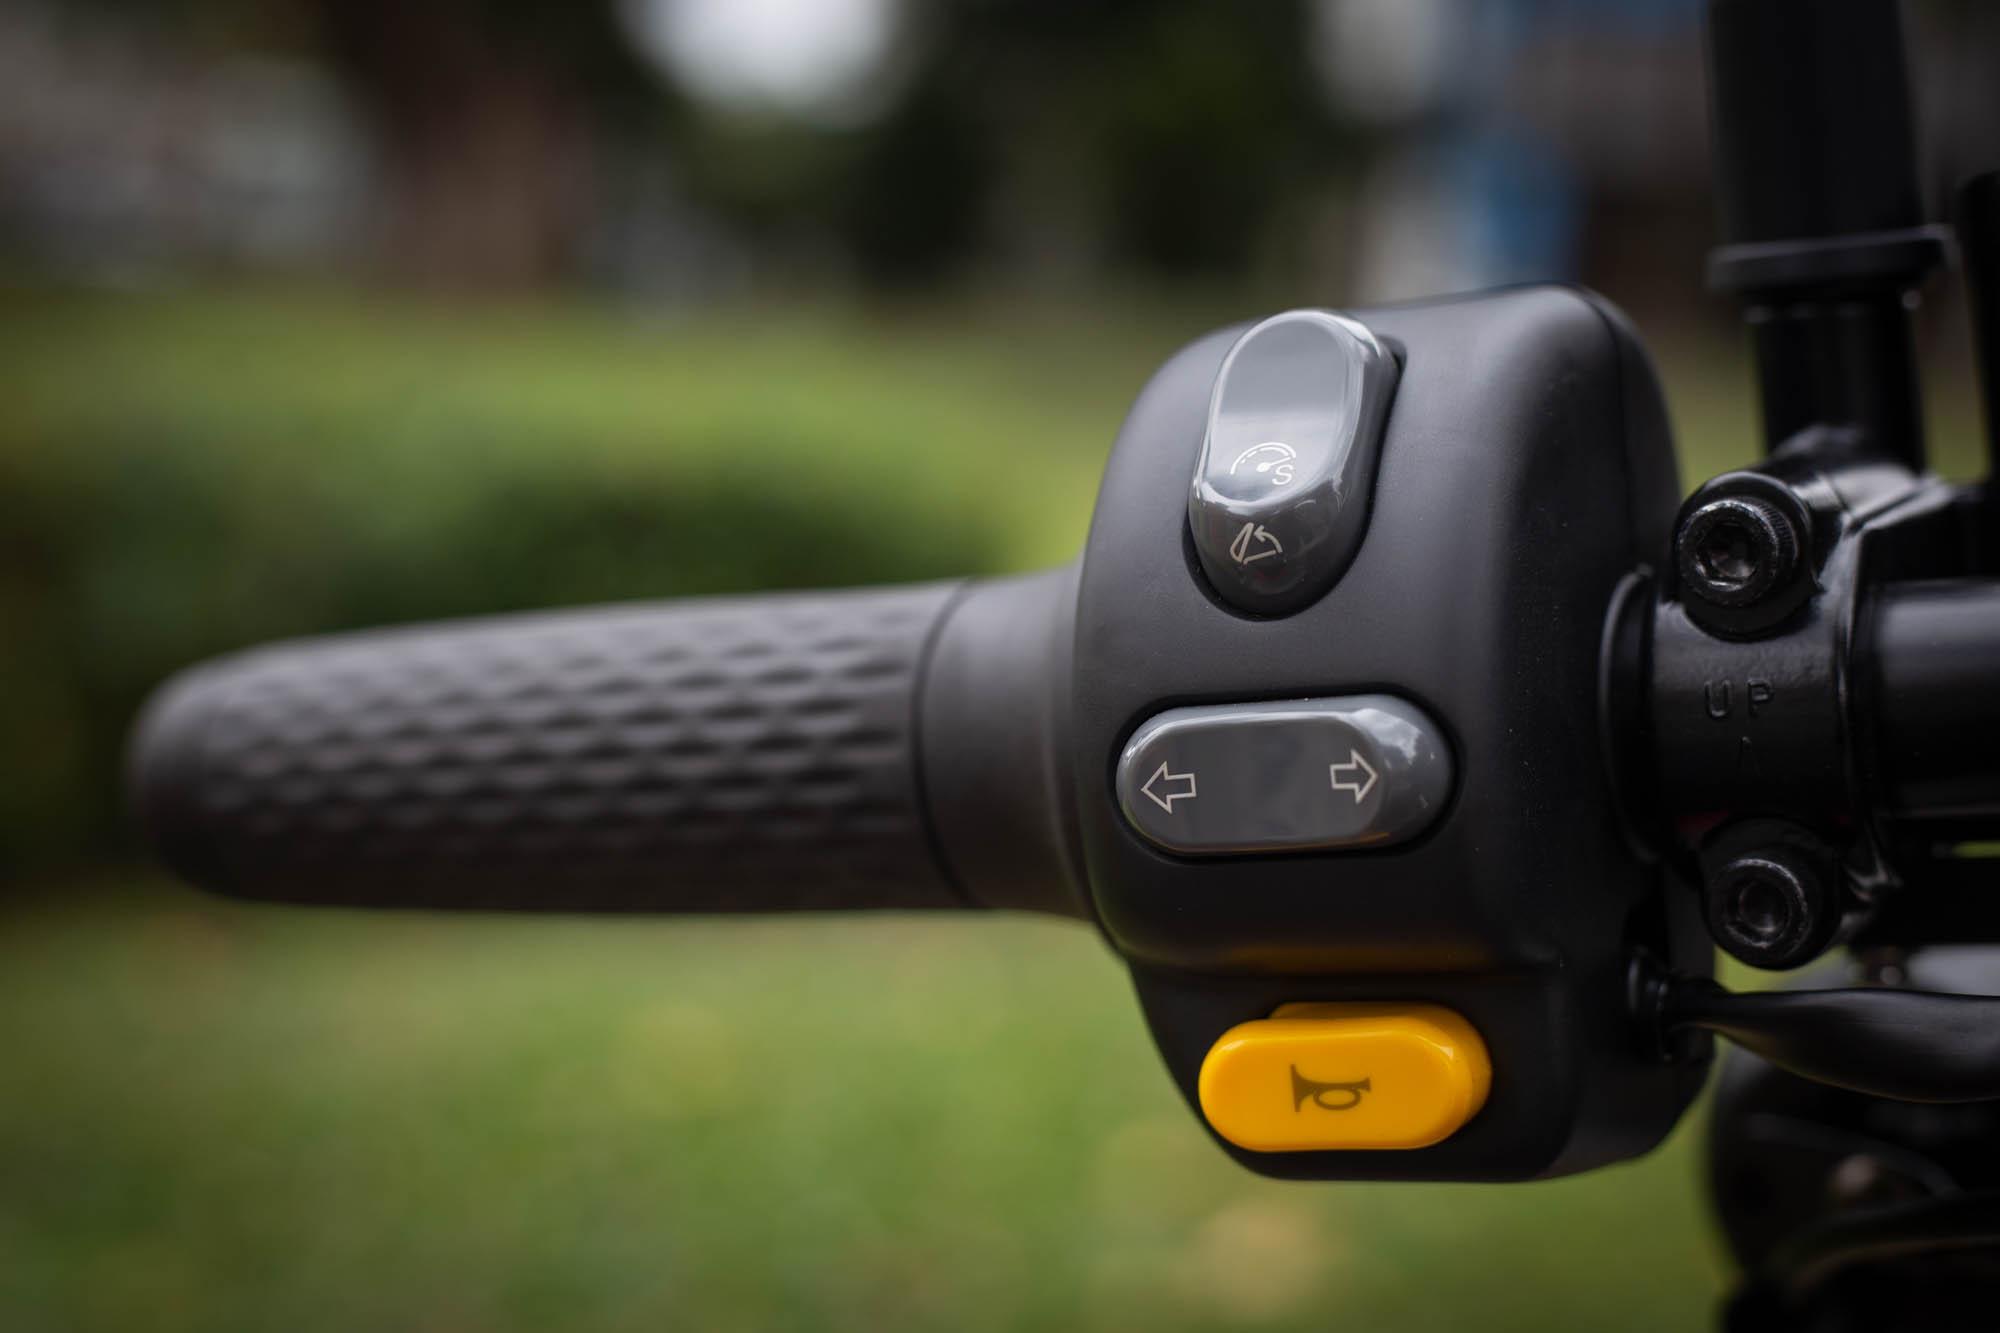 左側開關具備加速模式與座墊開啟功能開關。